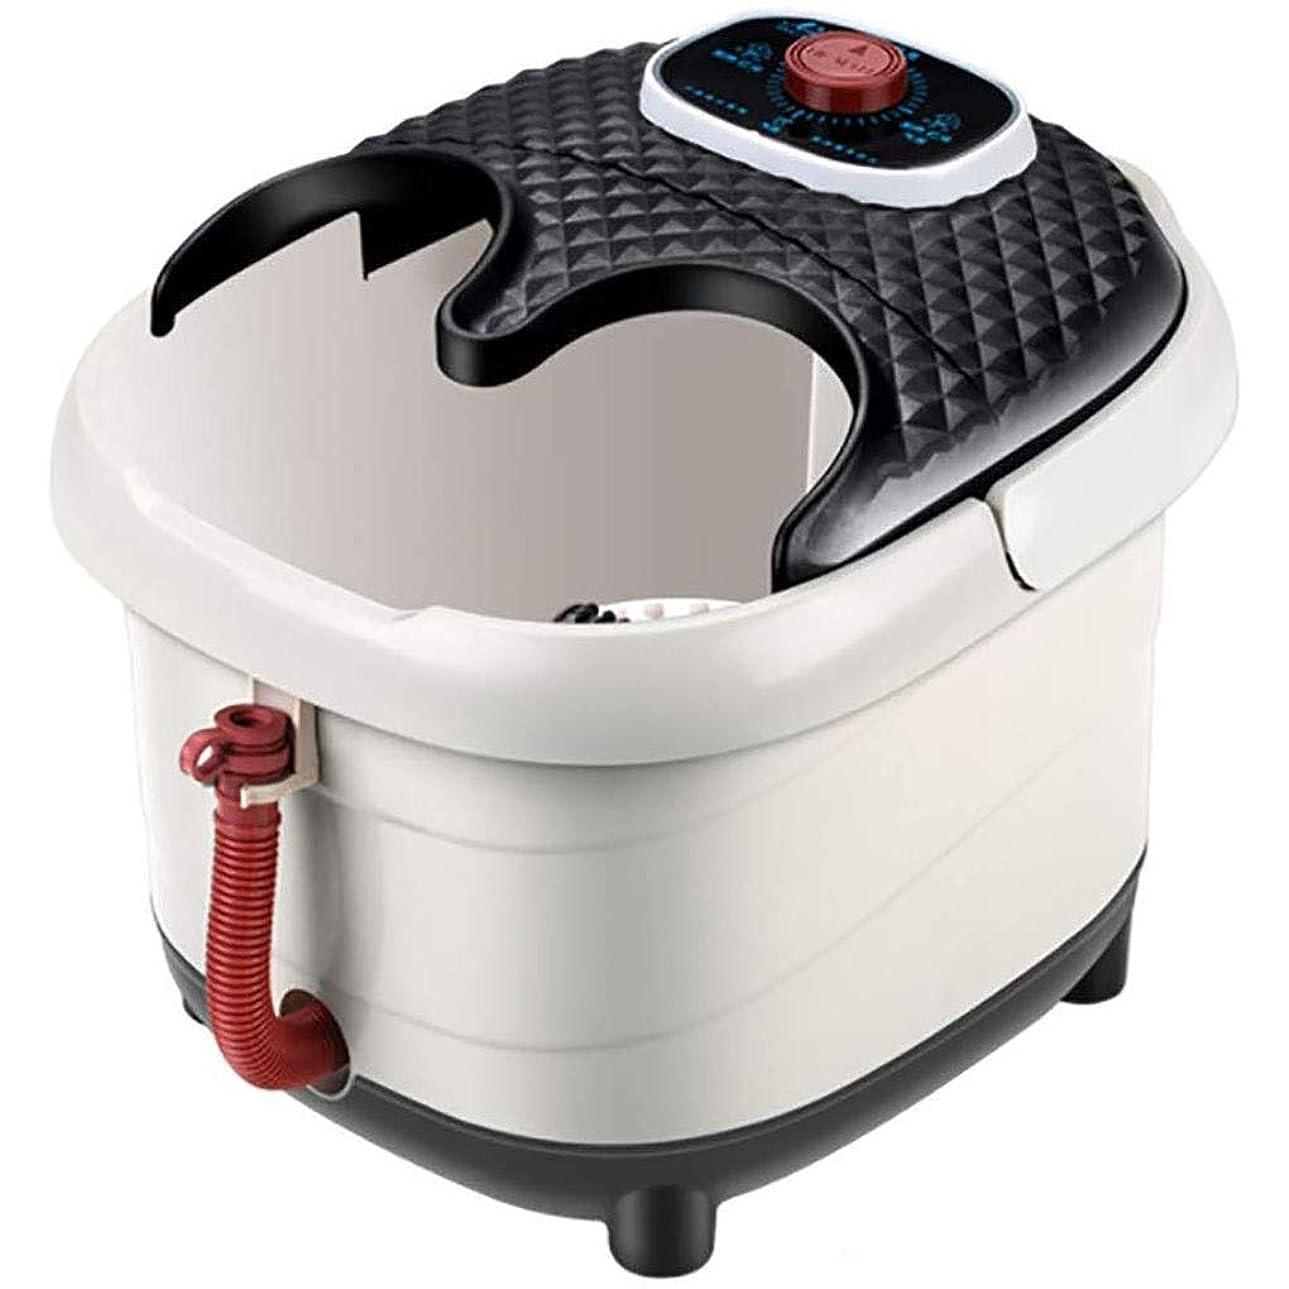 民兵列挙するはがき全自動暖房フットバスマッサージ足湯はすべて一つのホームではディープバレルホームサーモスタットフットマッサージ機バブル水ウェットフットスパマッサージを浸します YHLZ